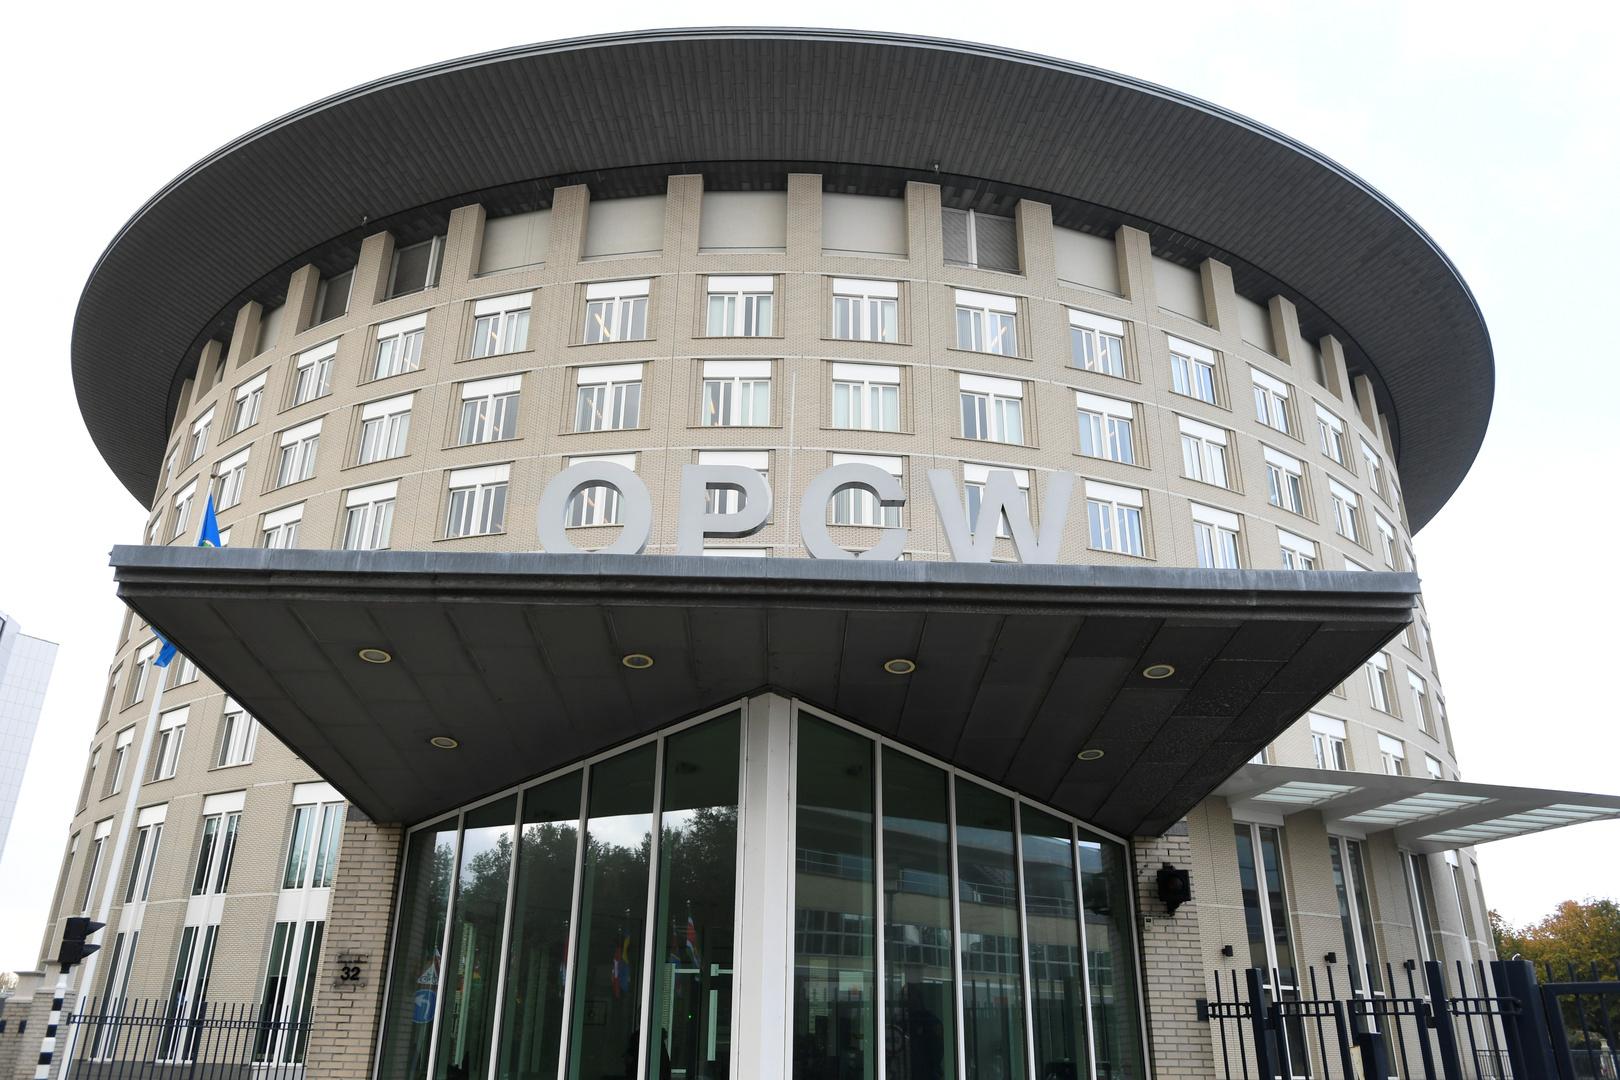 روسيا: منظمة حظر الكيميائي تحافظ على الغموض في قضية نافالني